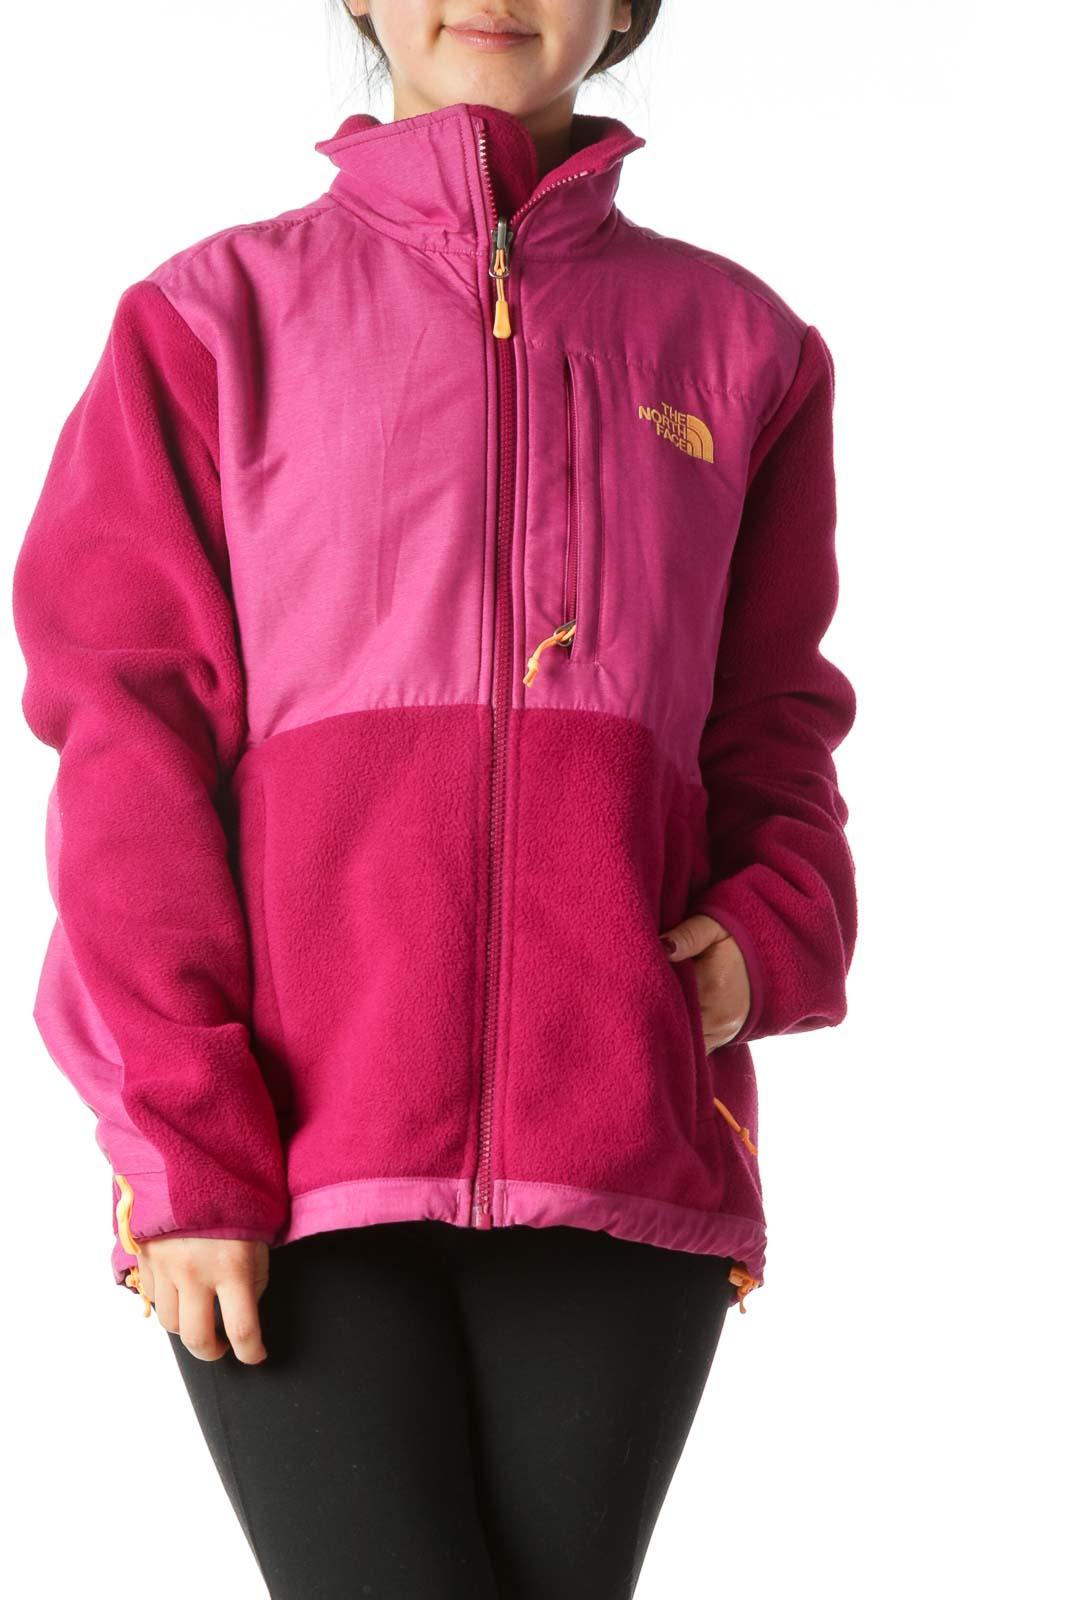 Hot Pink North Face Jacket